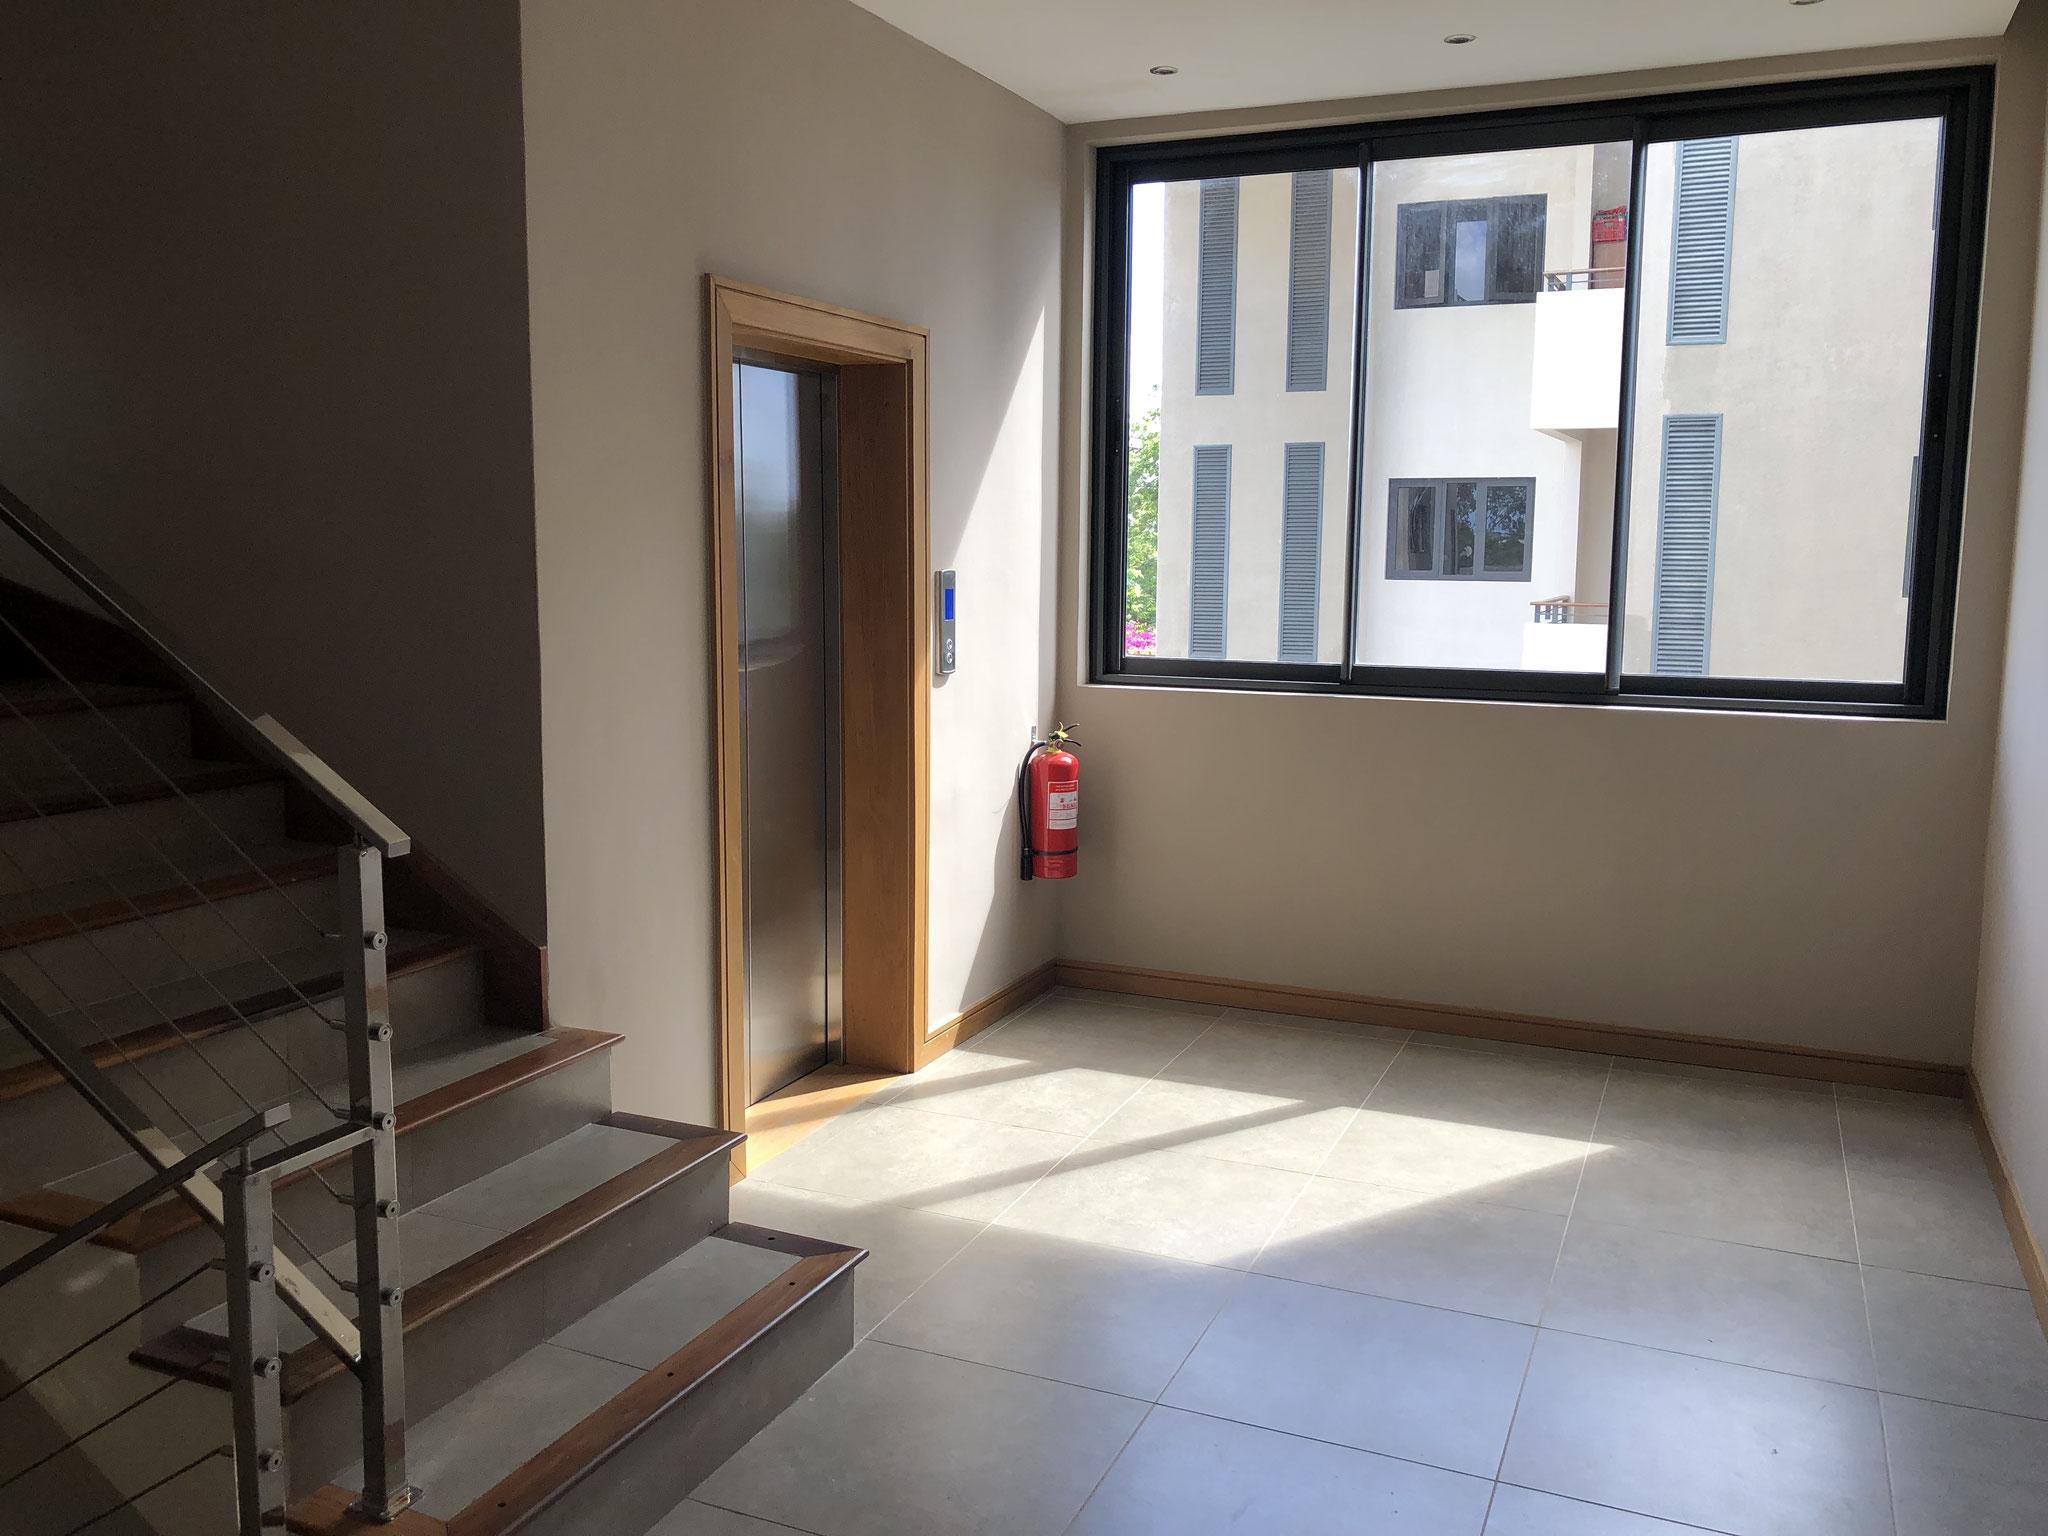 achat vente et revente appartement R+2 jinvesty votre agence immobilière grand baie Pereybère ile maurice